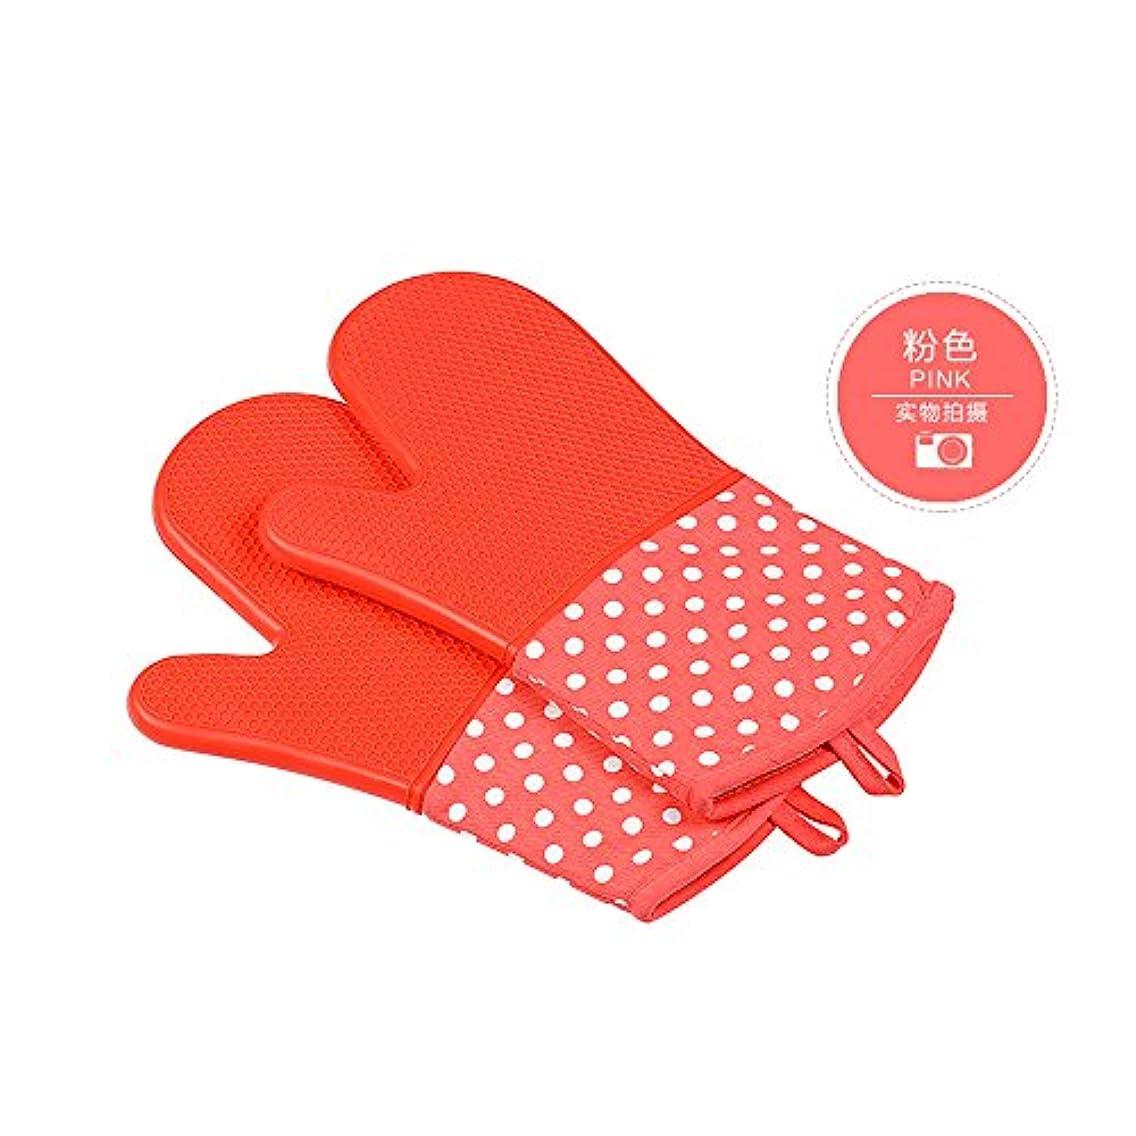 敏感な頭痛カラスJOOP【2個セット】【シリコンベーキング手袋】【バーベキュー手袋】【キッチン電子レンジの手袋】【オーブン断熱手袋】【300の加熱温度極値】【7色】 (ピンク)